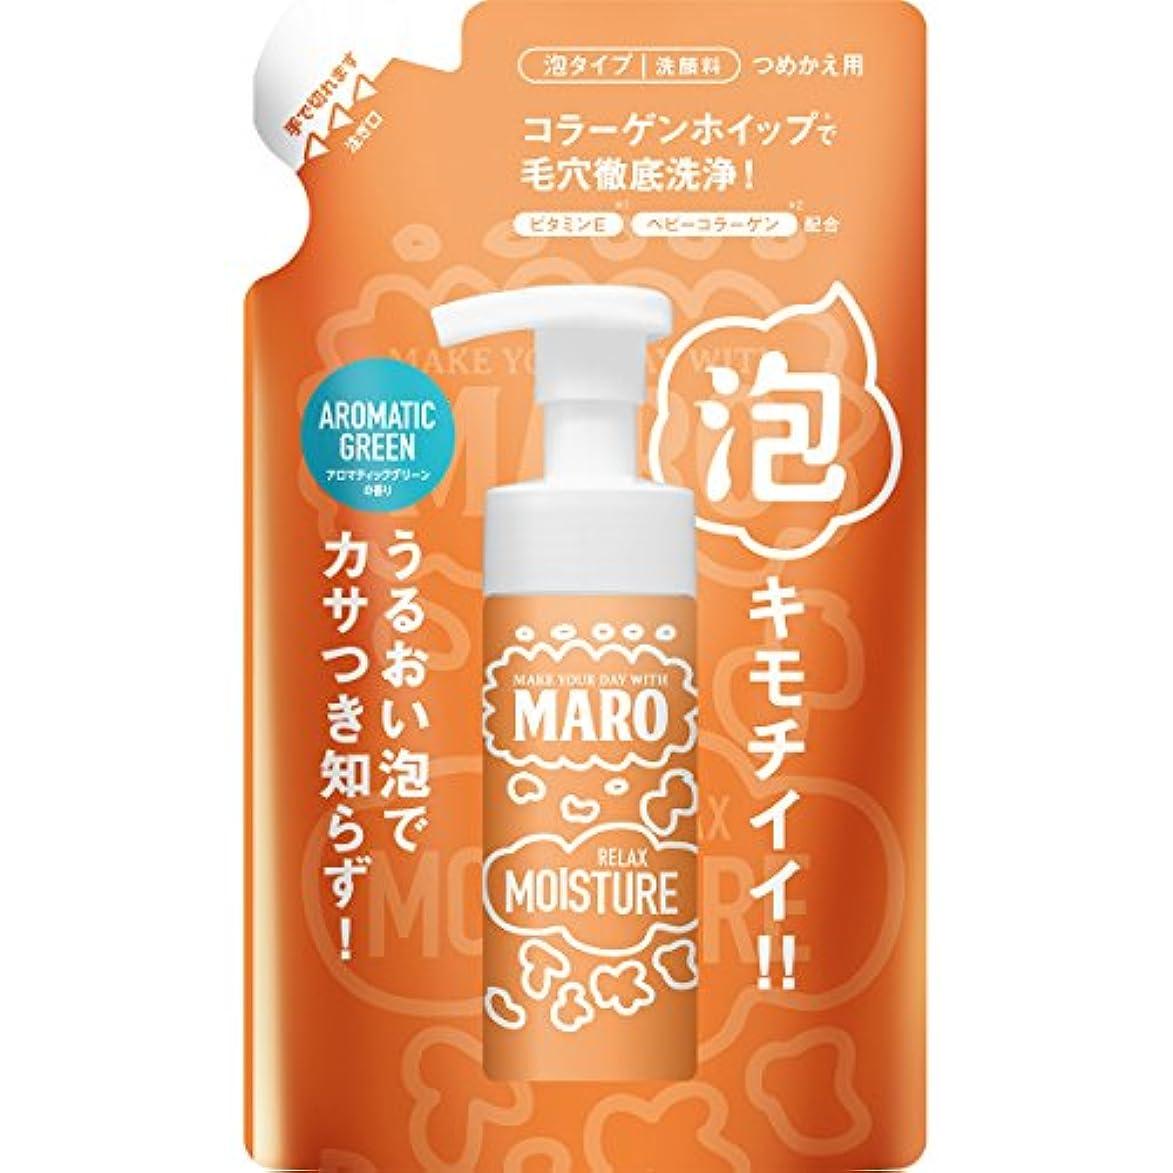 チョーク円周遅滞MARO グルーヴィー 泡洗顔 詰め替え リラックスモイスチャー 130ml